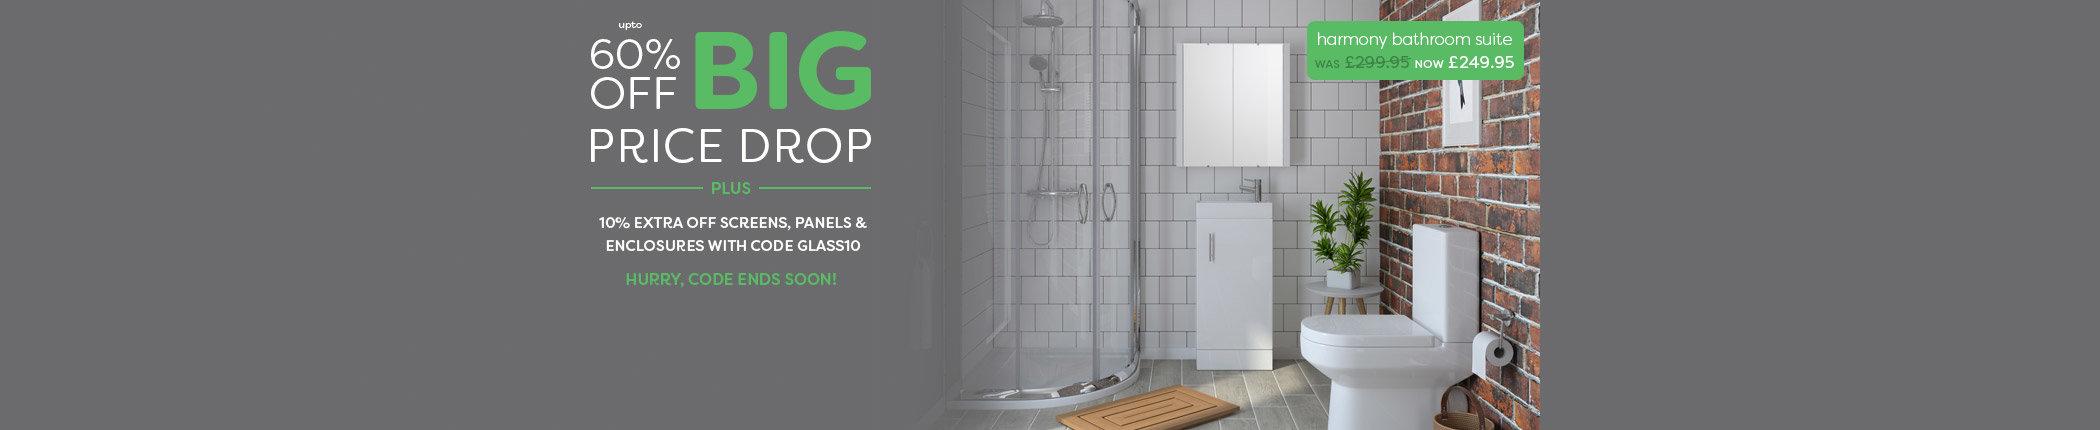 big-price-drop-10off-enclosures-harmony-bathroom-suite-countdown-aug17-hbnr